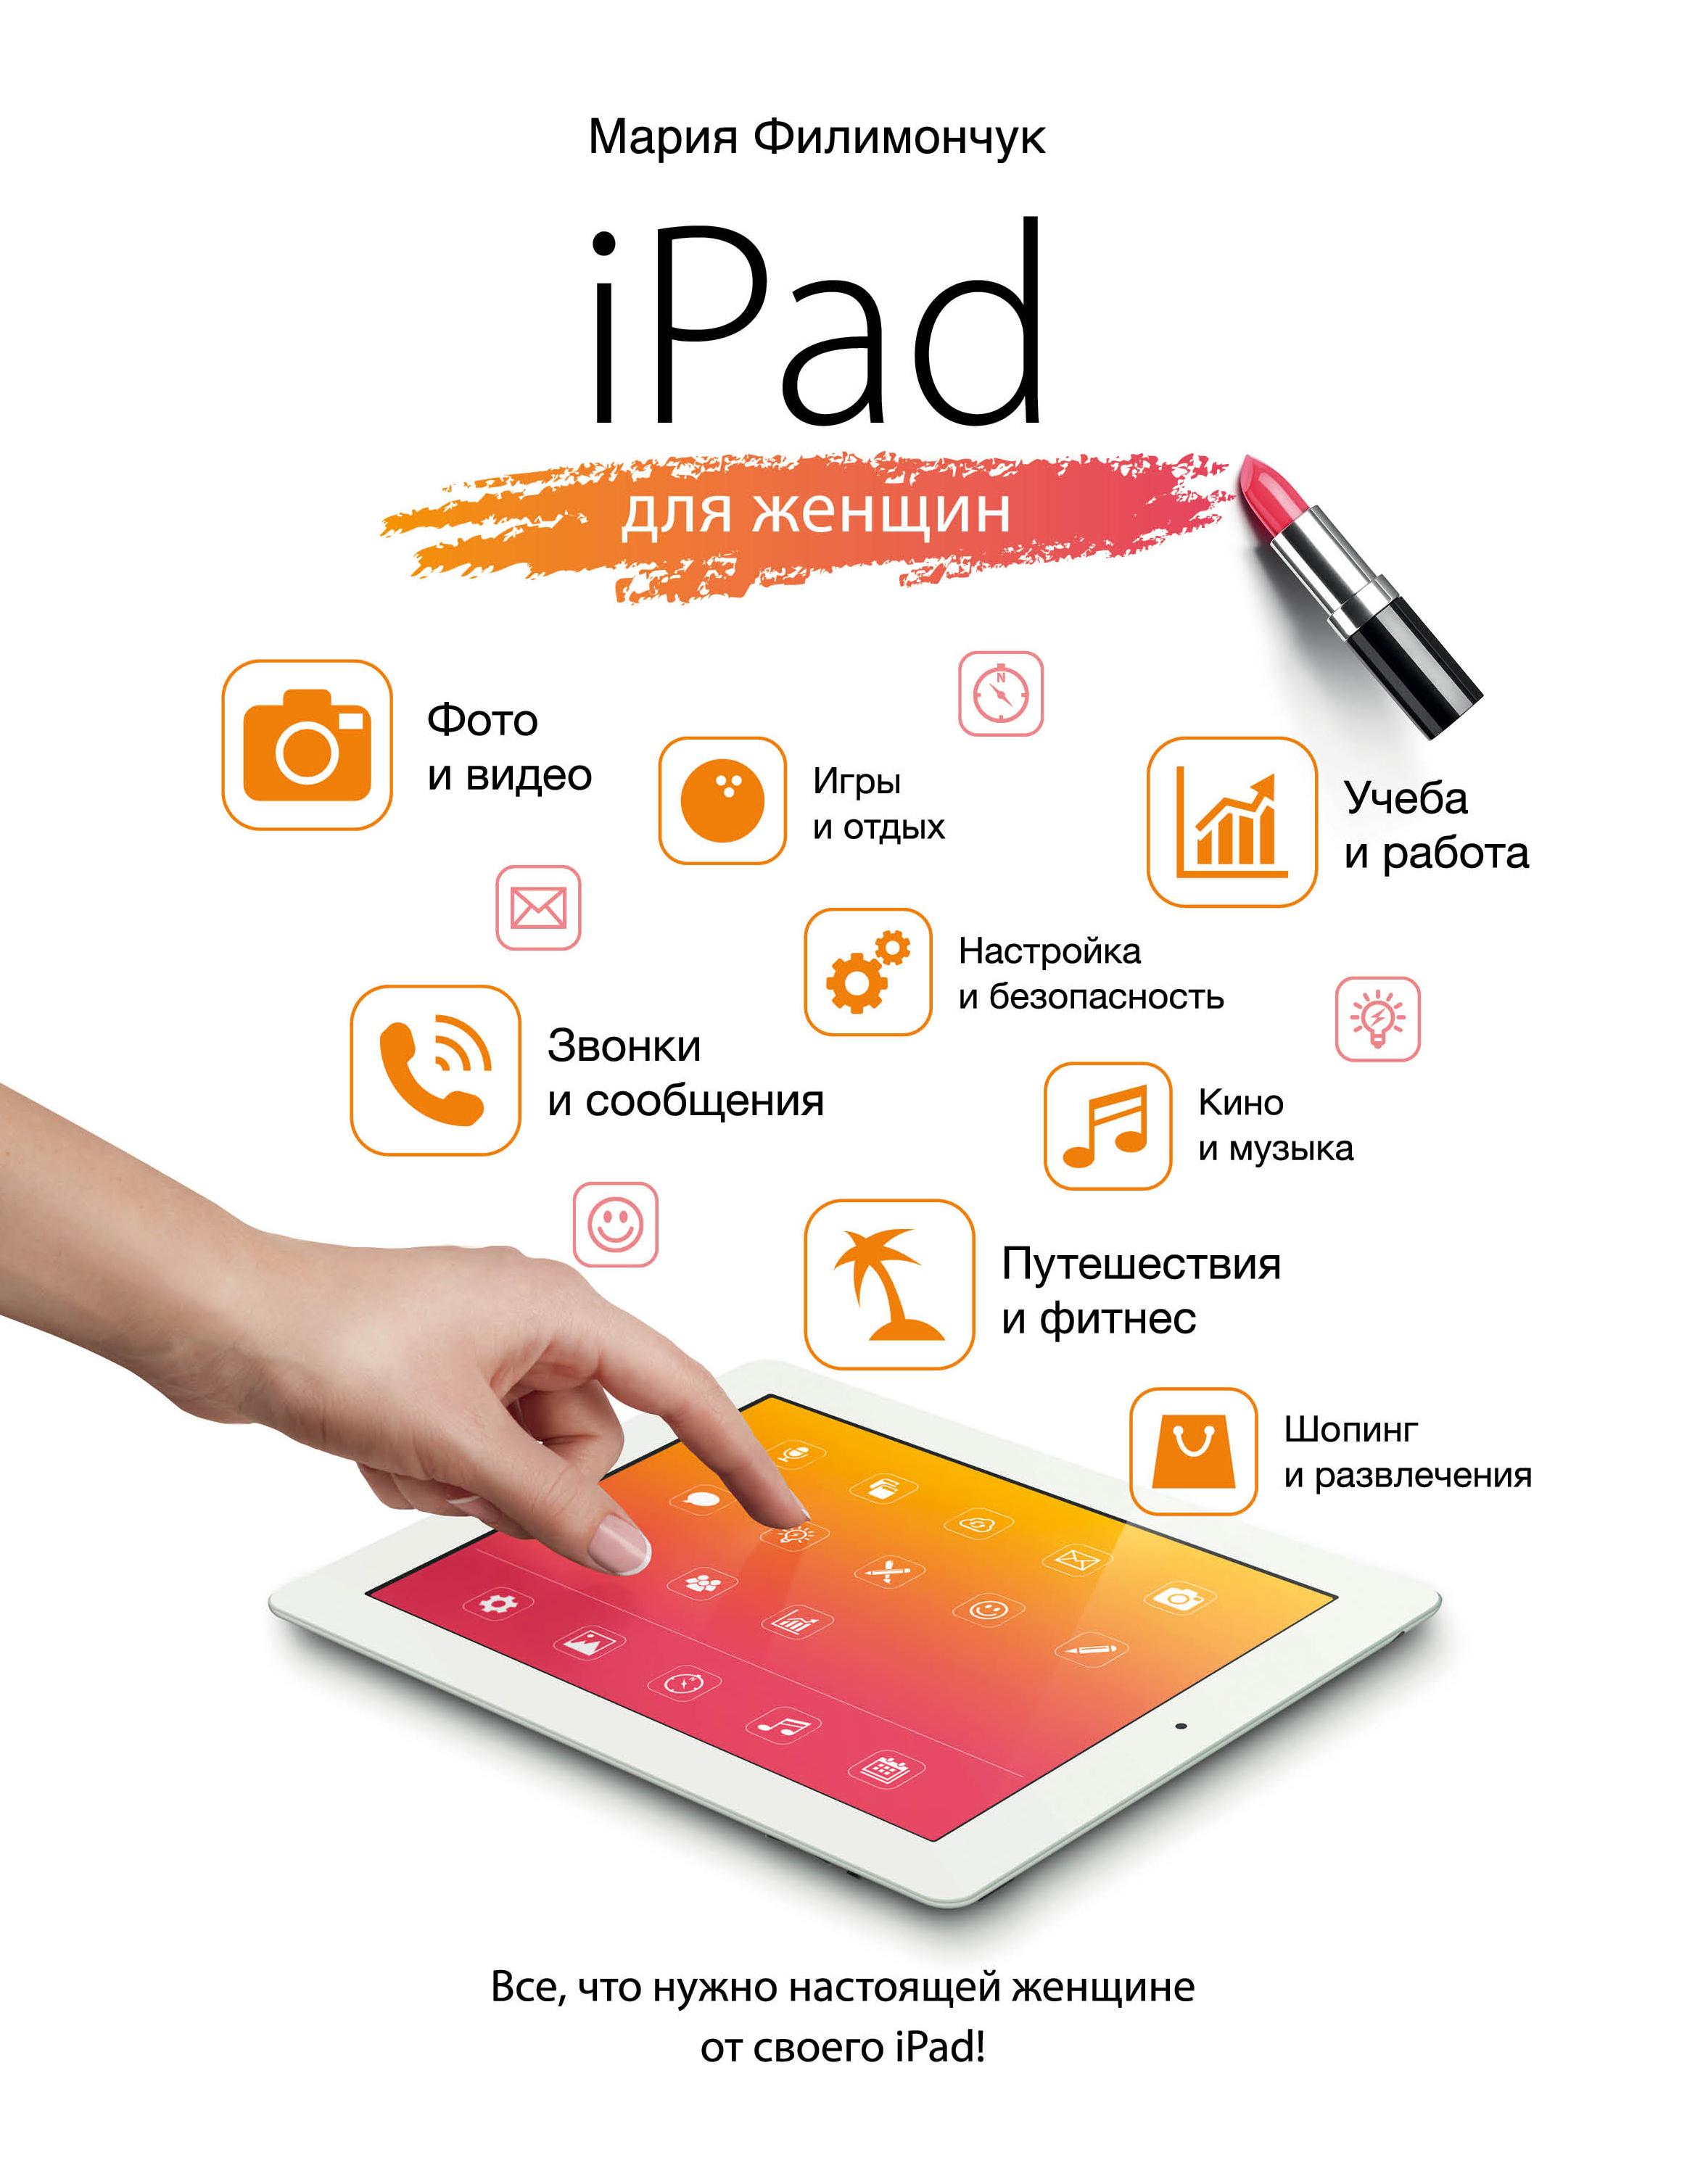 Мария Филимончук. iPad для женщин